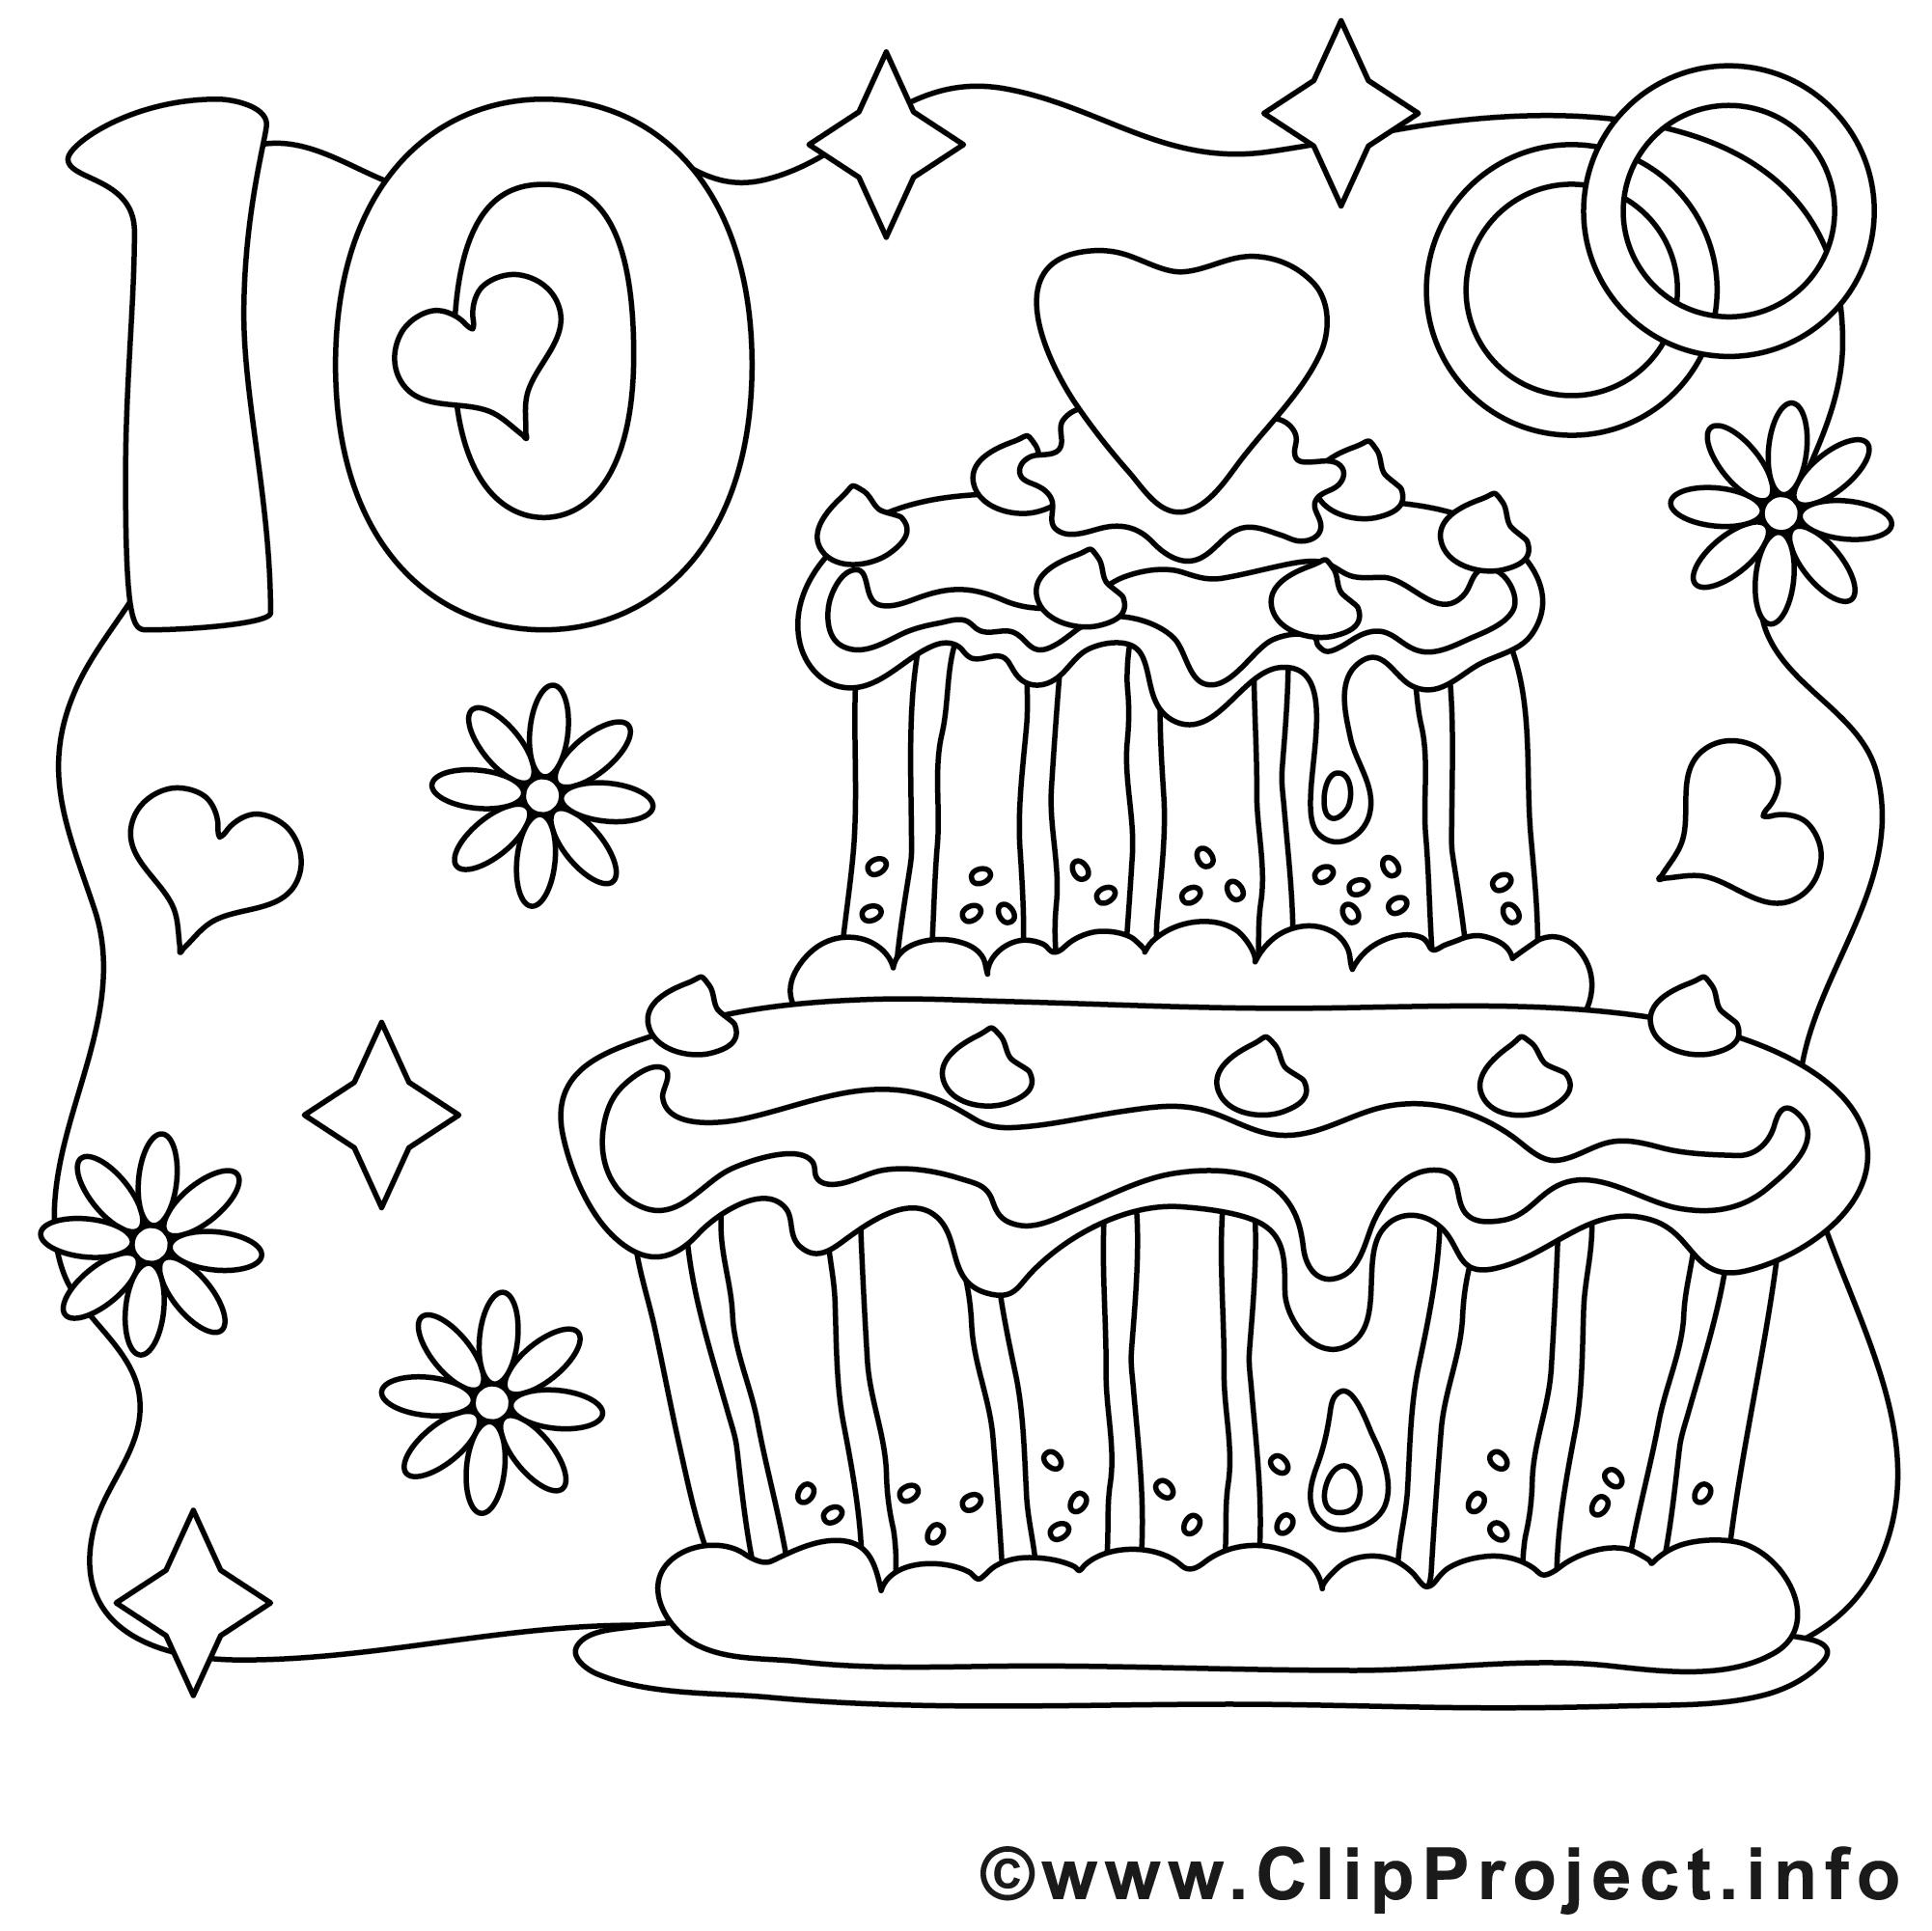 10 Ans Dessin Mariage Gratuits A Imprimer Mariage Coloriages Dessin Picture Image Graphic Clip Art Telecharger Gratuit